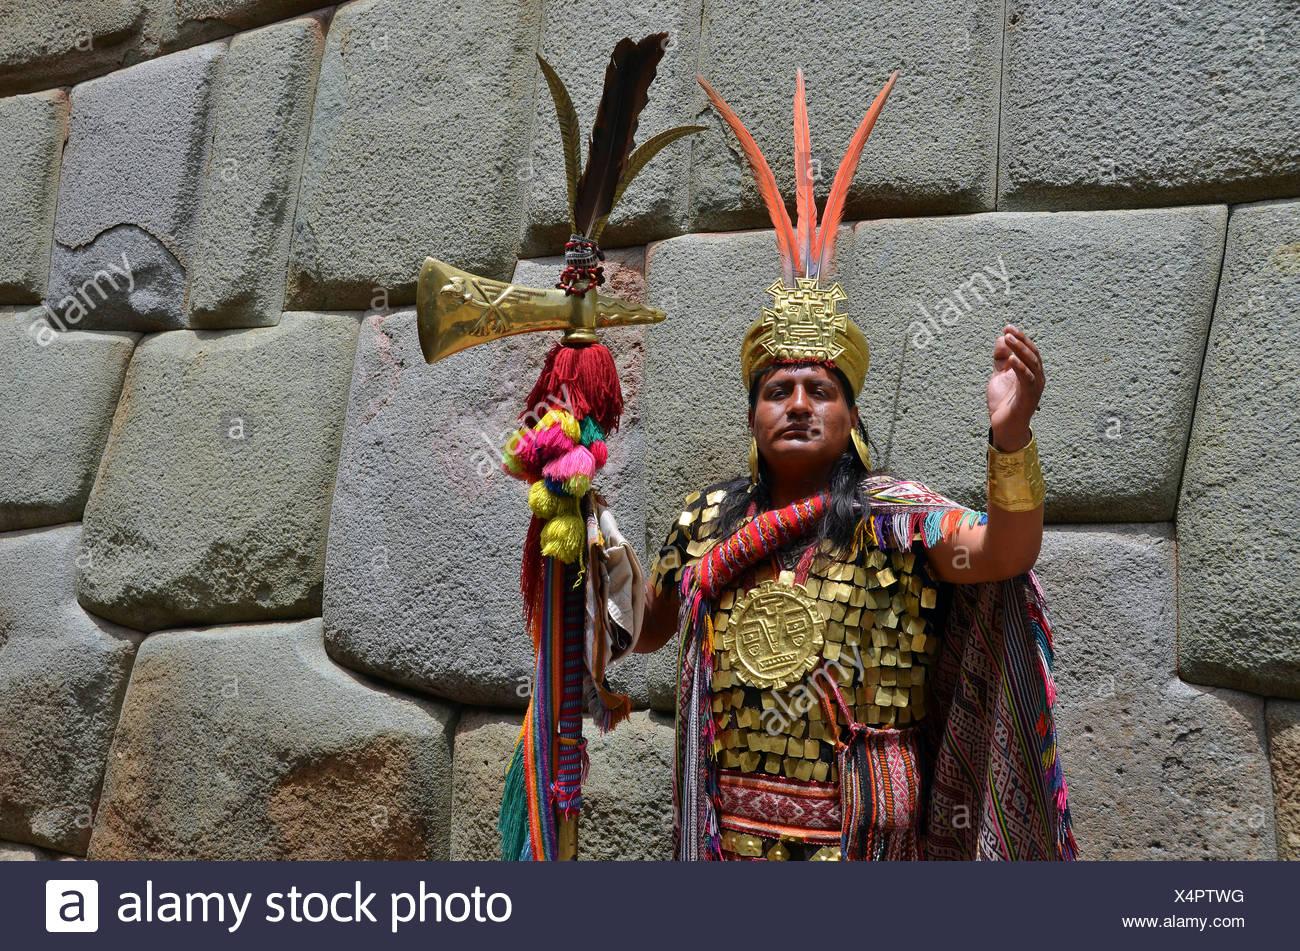 Indio uomo vestito come un inca di fronte una perfetta, antico muro degli Incas, centro turistico di Cuzco, Perù, Sud America Immagini Stock